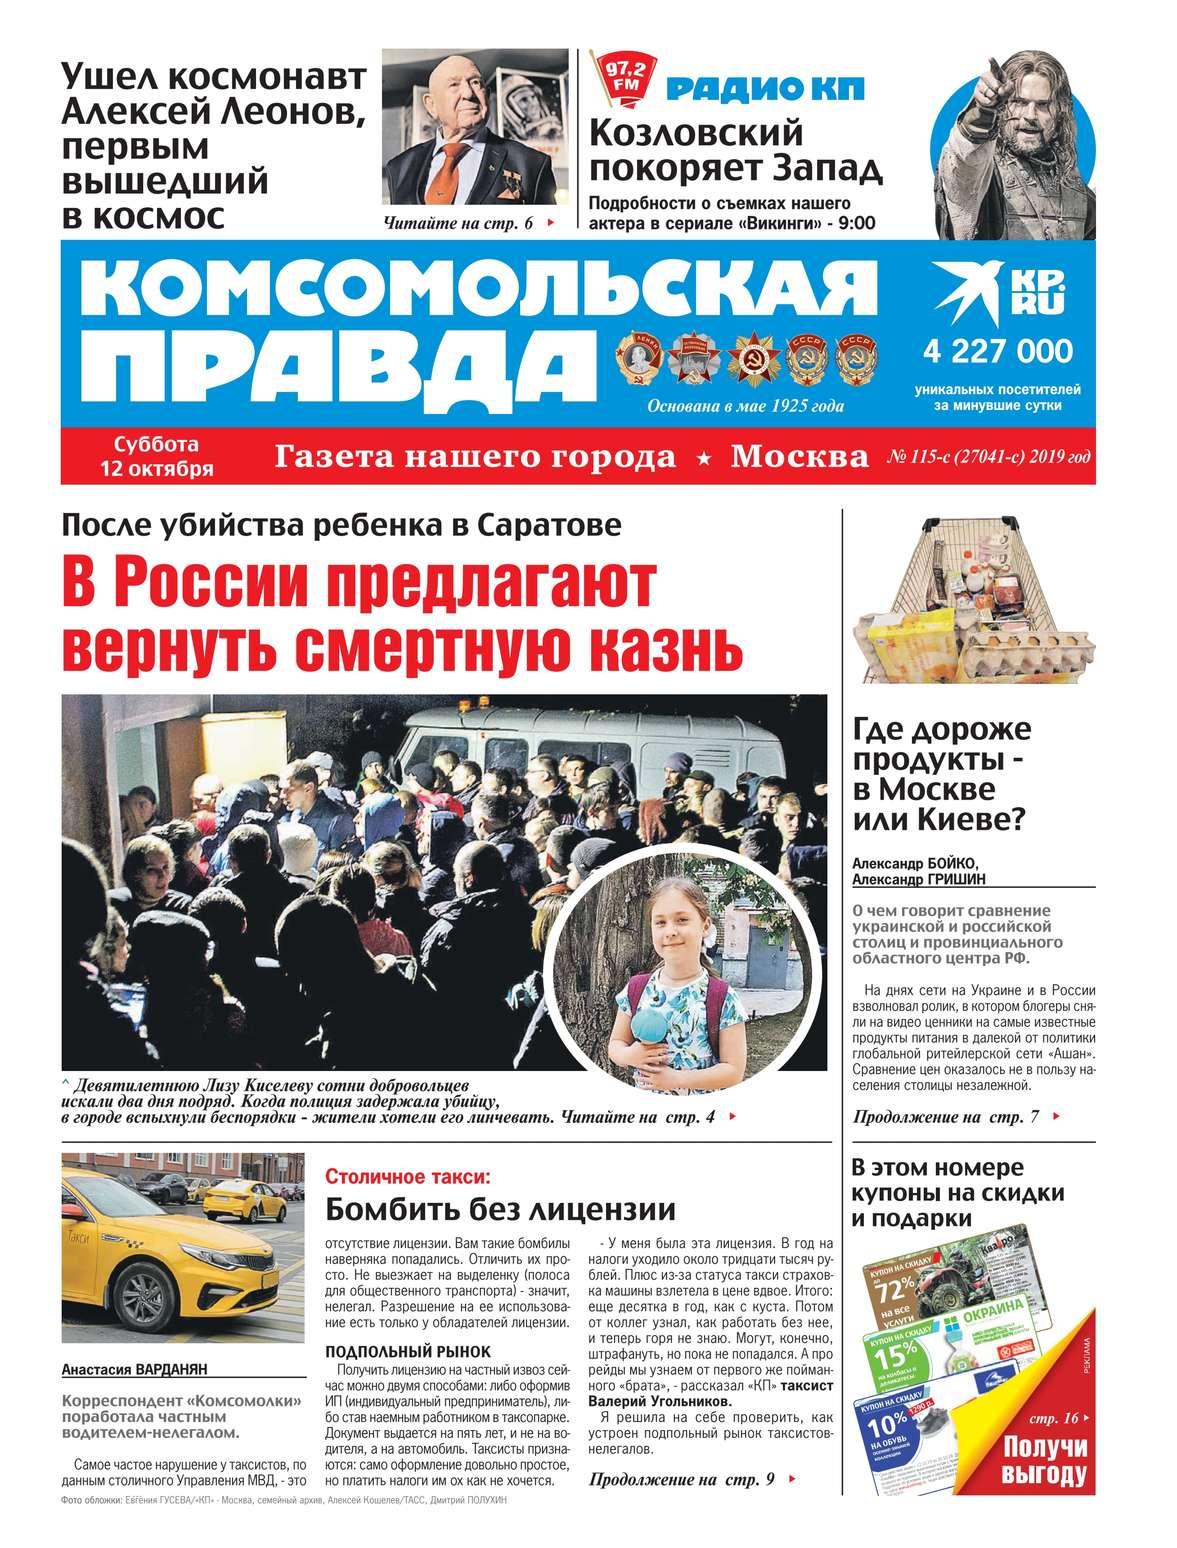 Комсомольская Правда. Москва 115с-2019